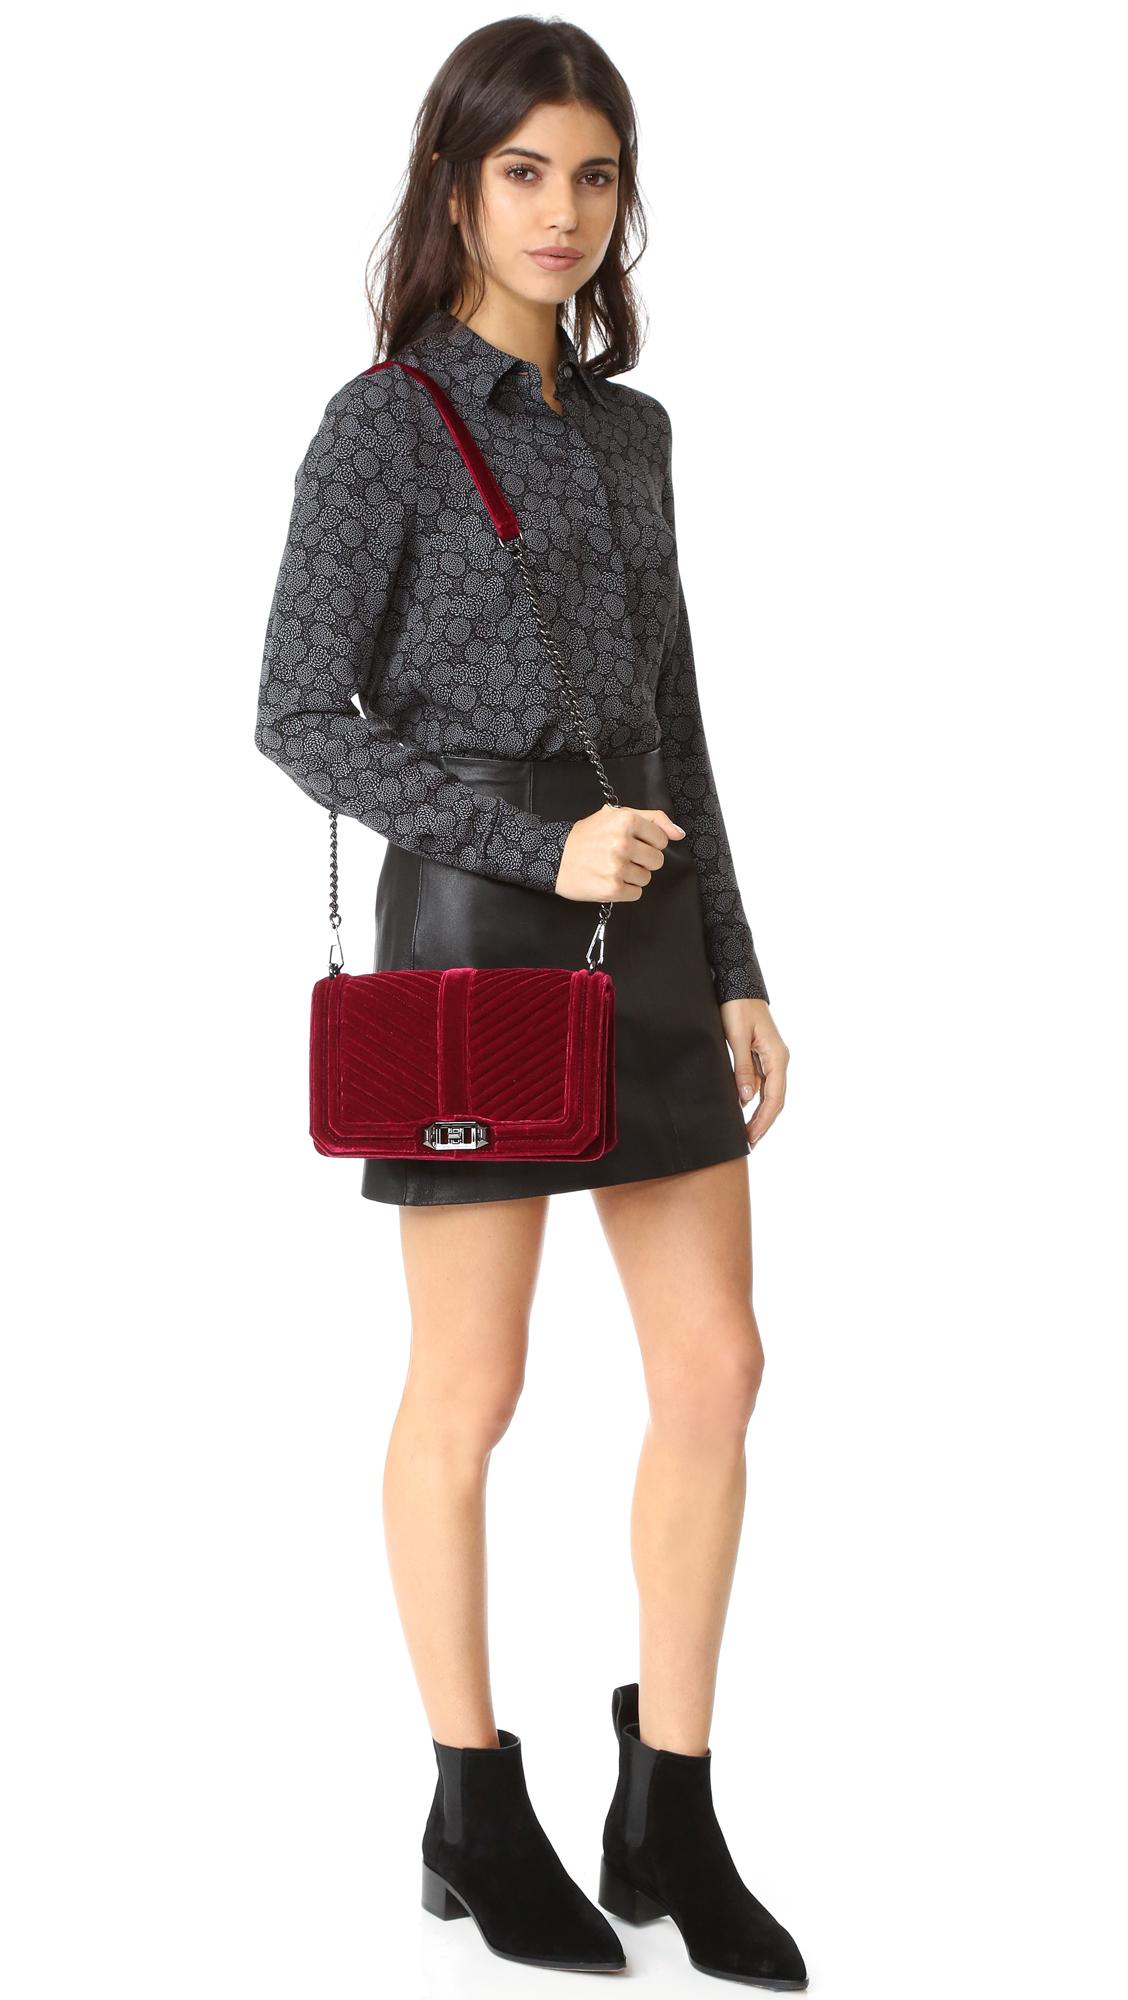 817f2d8076f7 Rebecca Minkoff Velvet Love Cross Body Bag